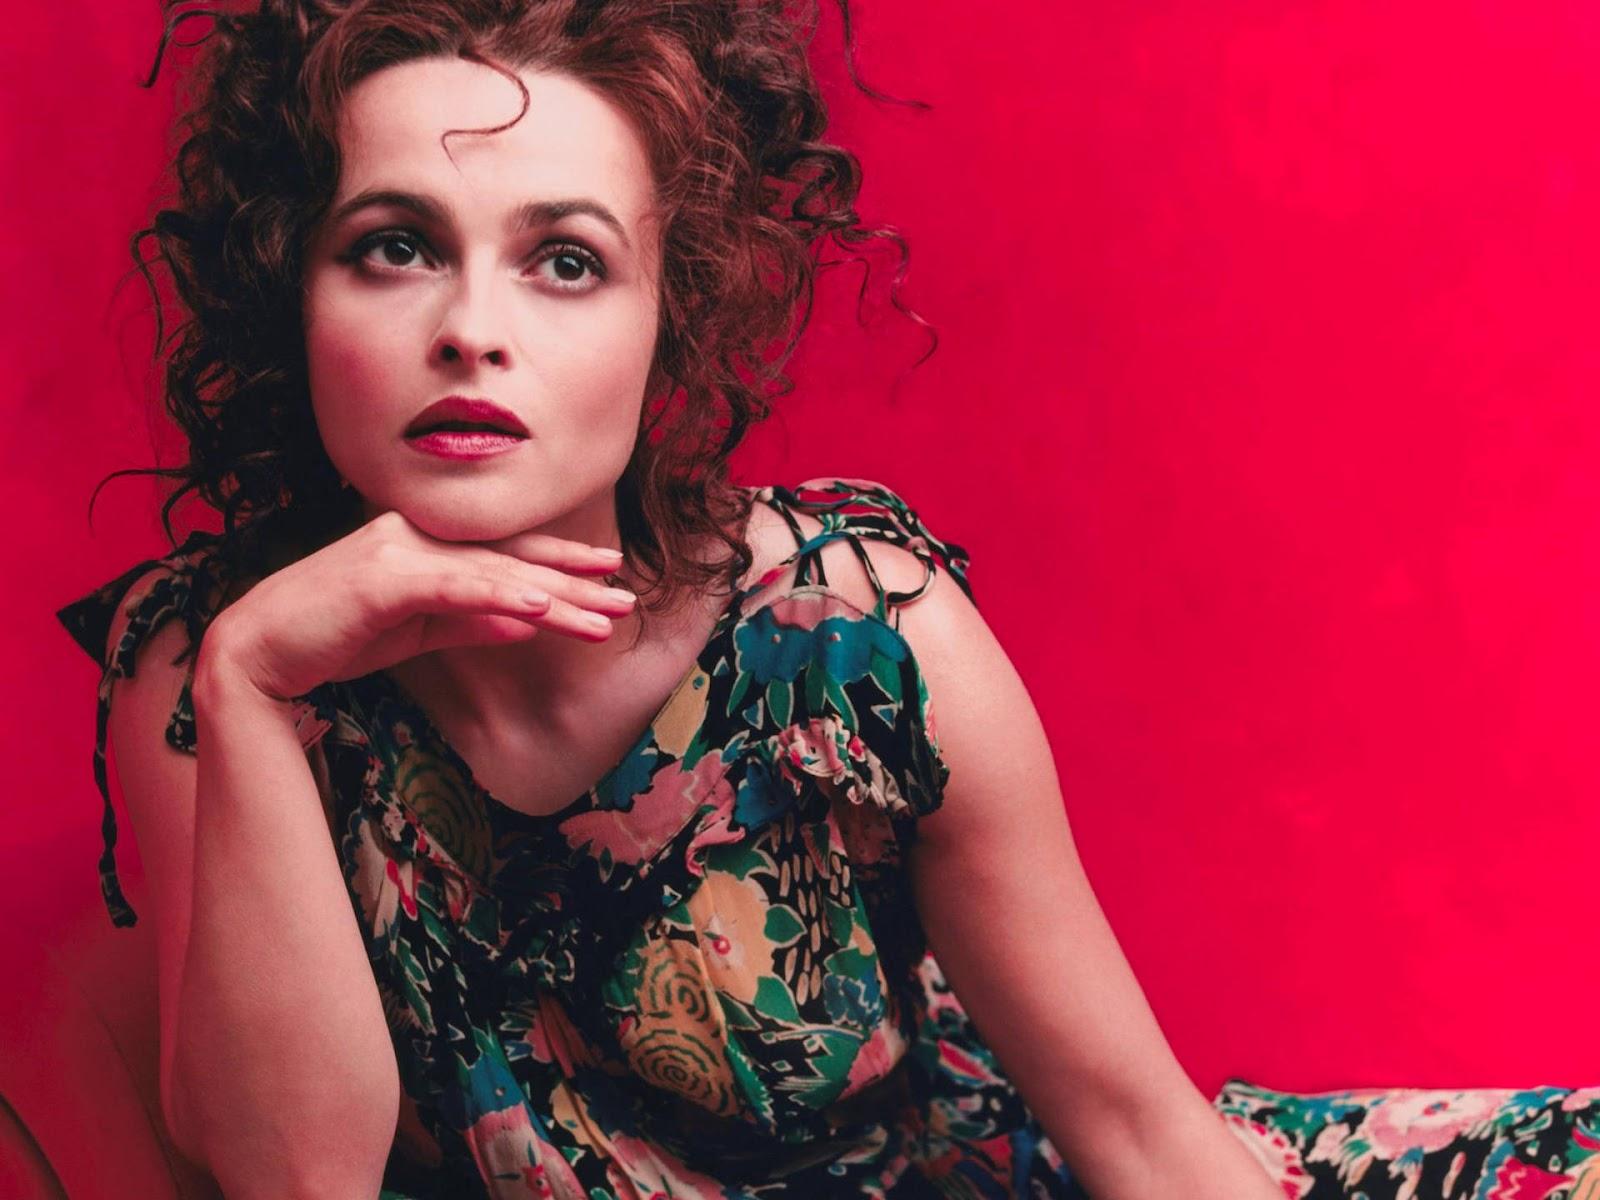 http://4.bp.blogspot.com/-9QVja-NwSL4/T6icb2Y3YwI/AAAAAAAAANQ/d2o8FXsRSsc/s1600/Helena+Bonham+Carter.jpg